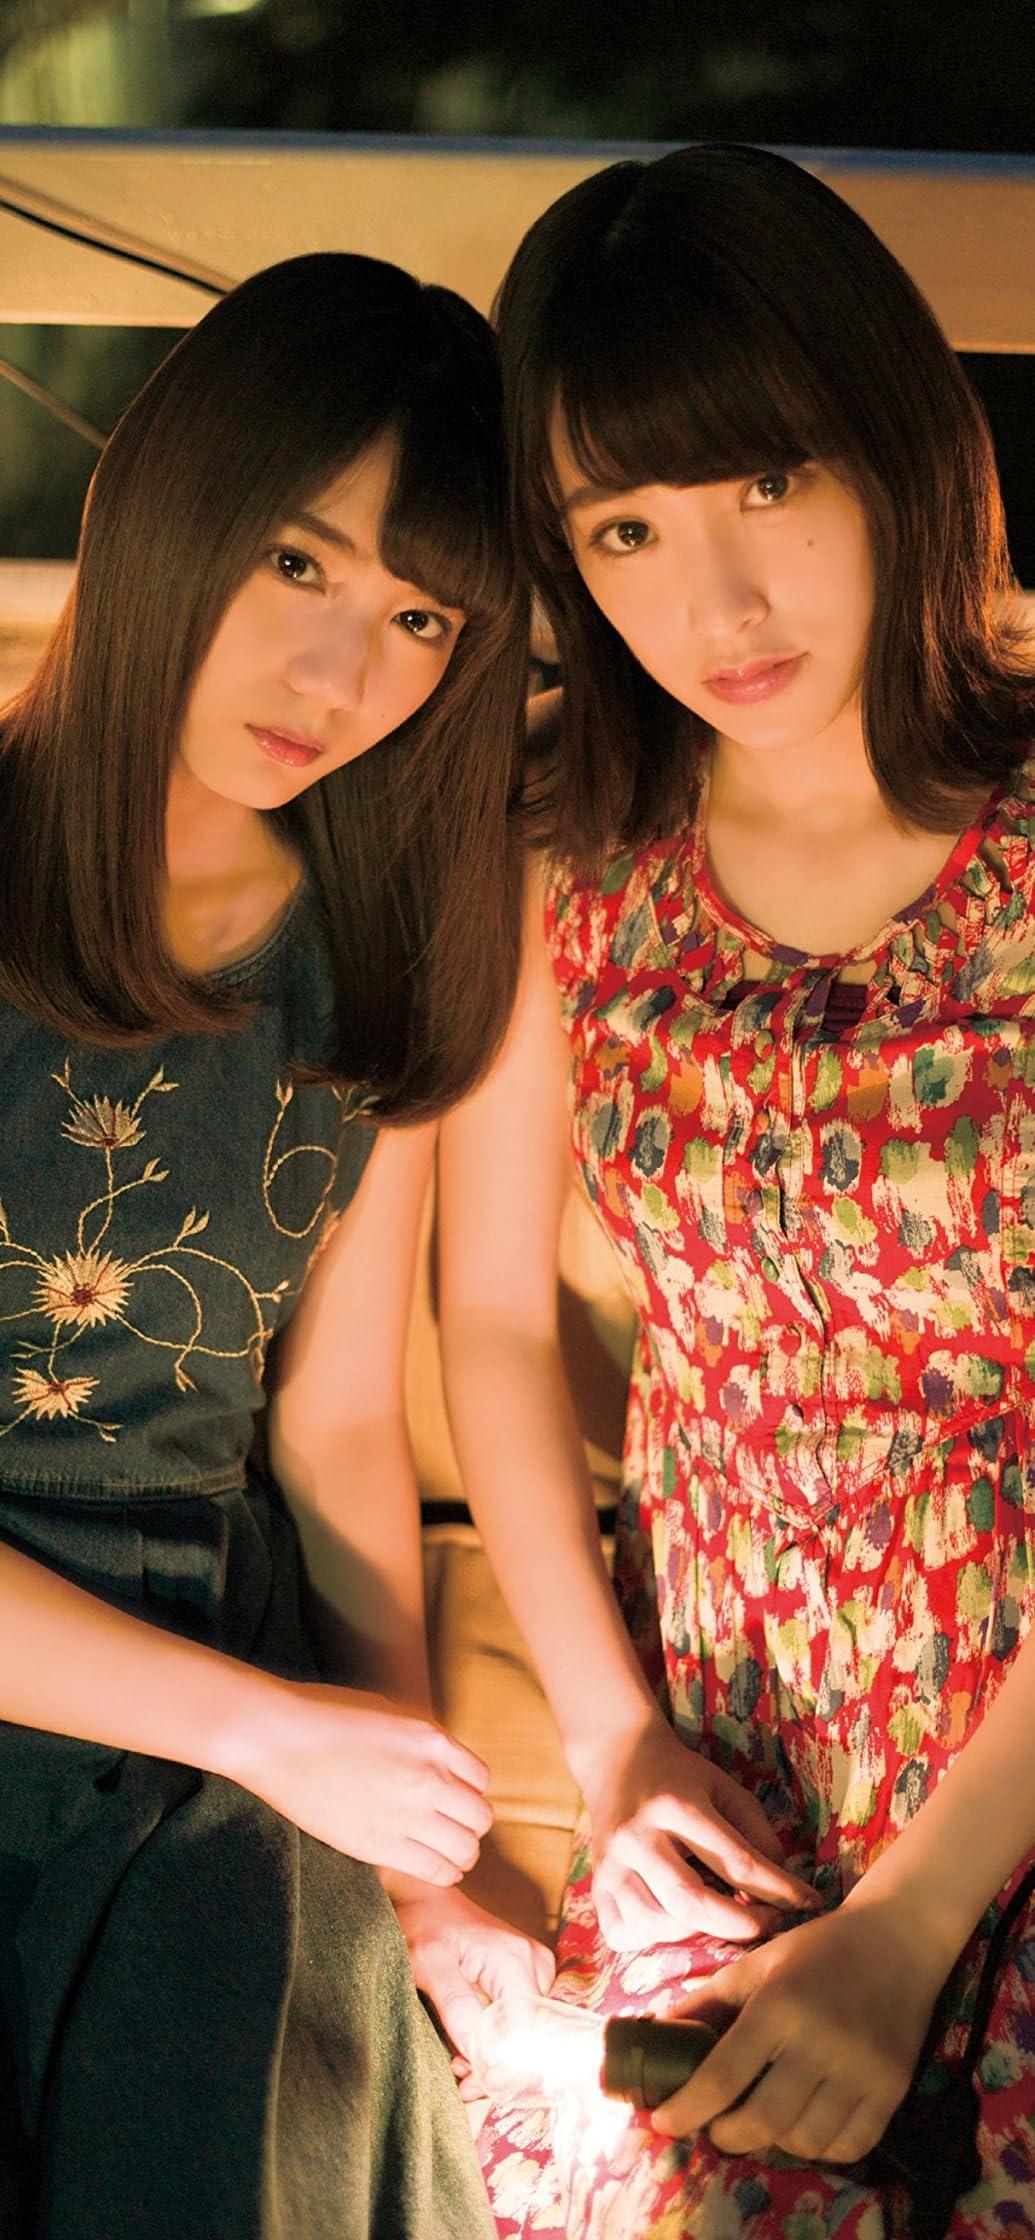 欅坂46 佐々木久美,小坂菜緒 iPhone XR,XS Max 壁紙画像